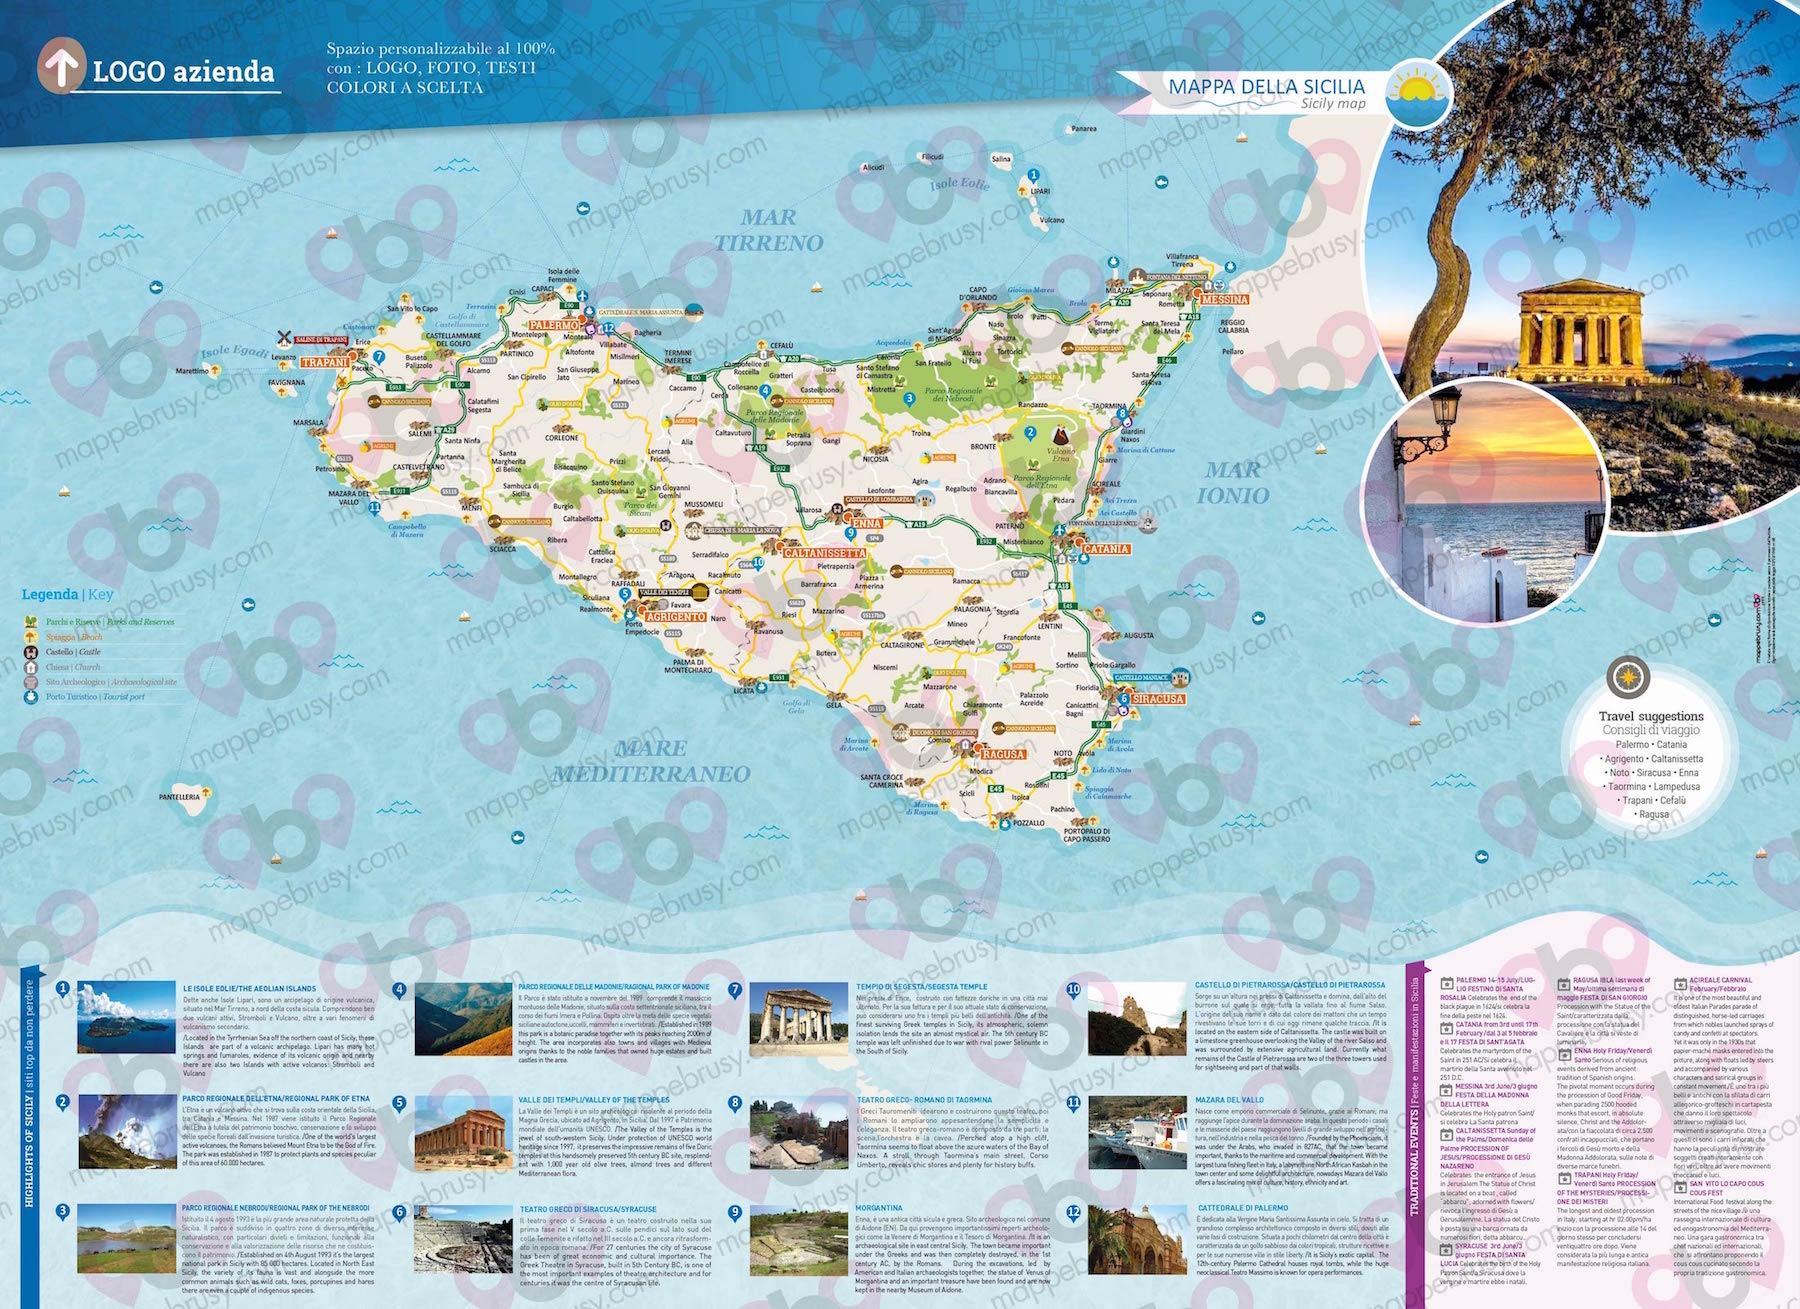 Immagini Cartina Della Sicilia.Sicilia Mappe Brusy